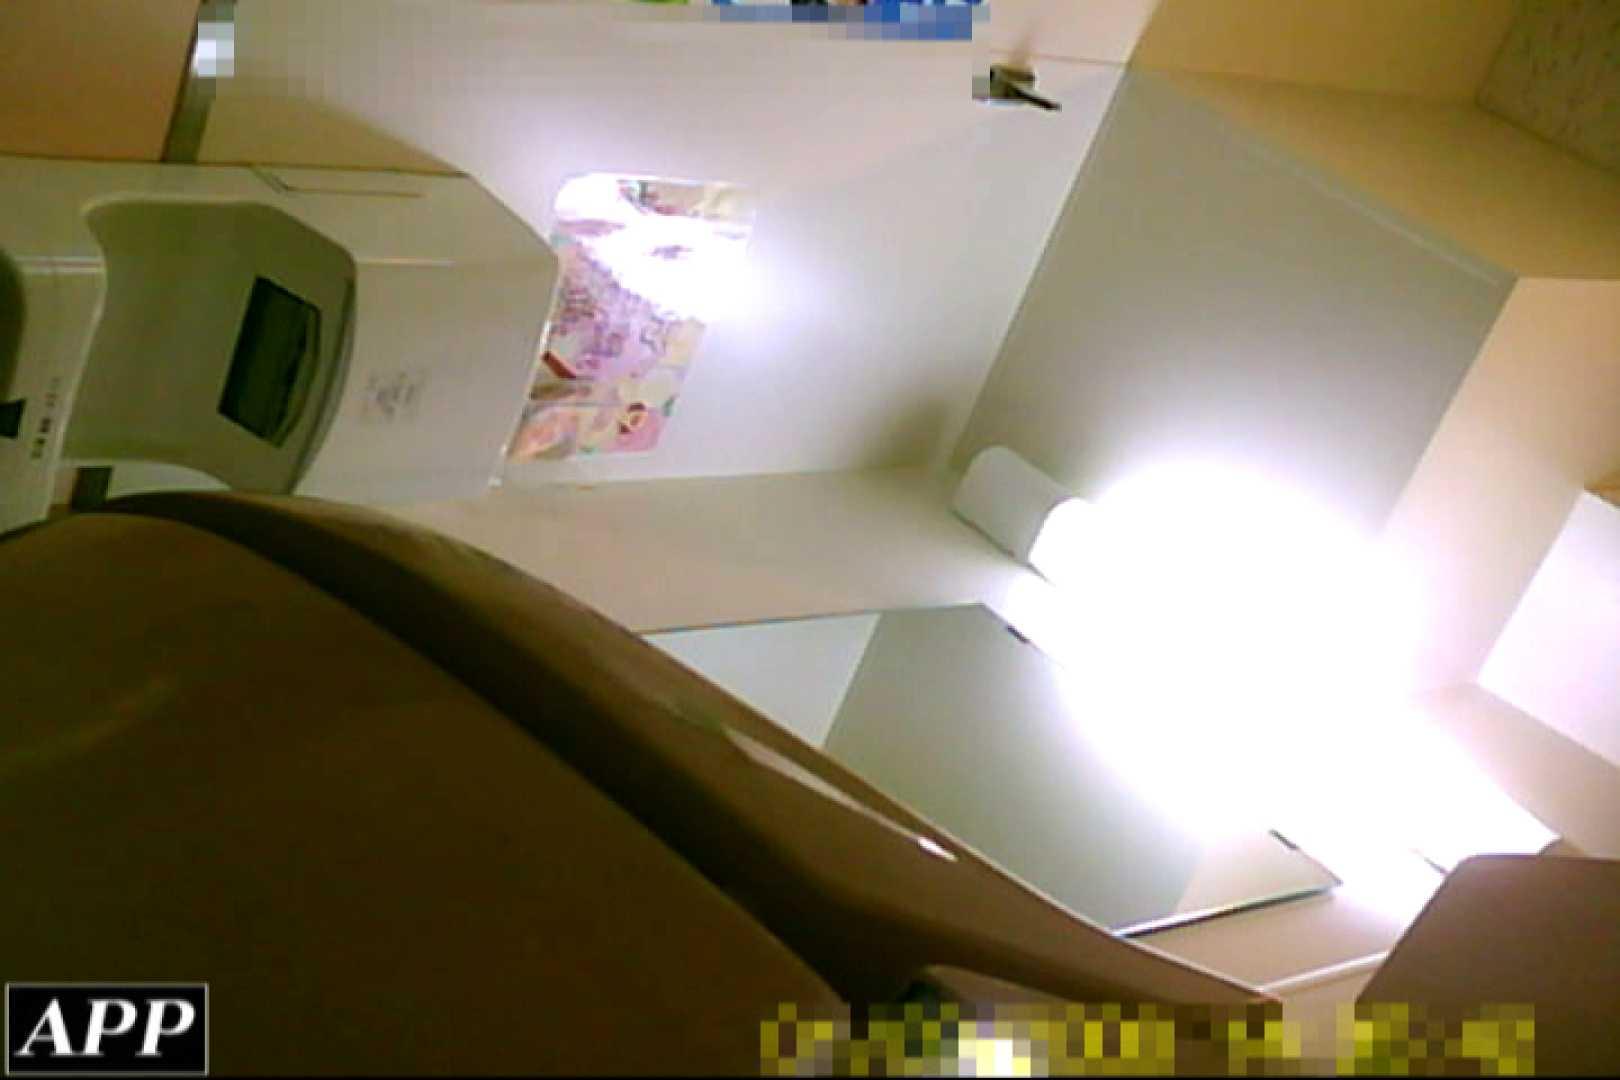 3視点洗面所 vol.23 肛門技 オマンコ動画キャプチャ 75画像 62